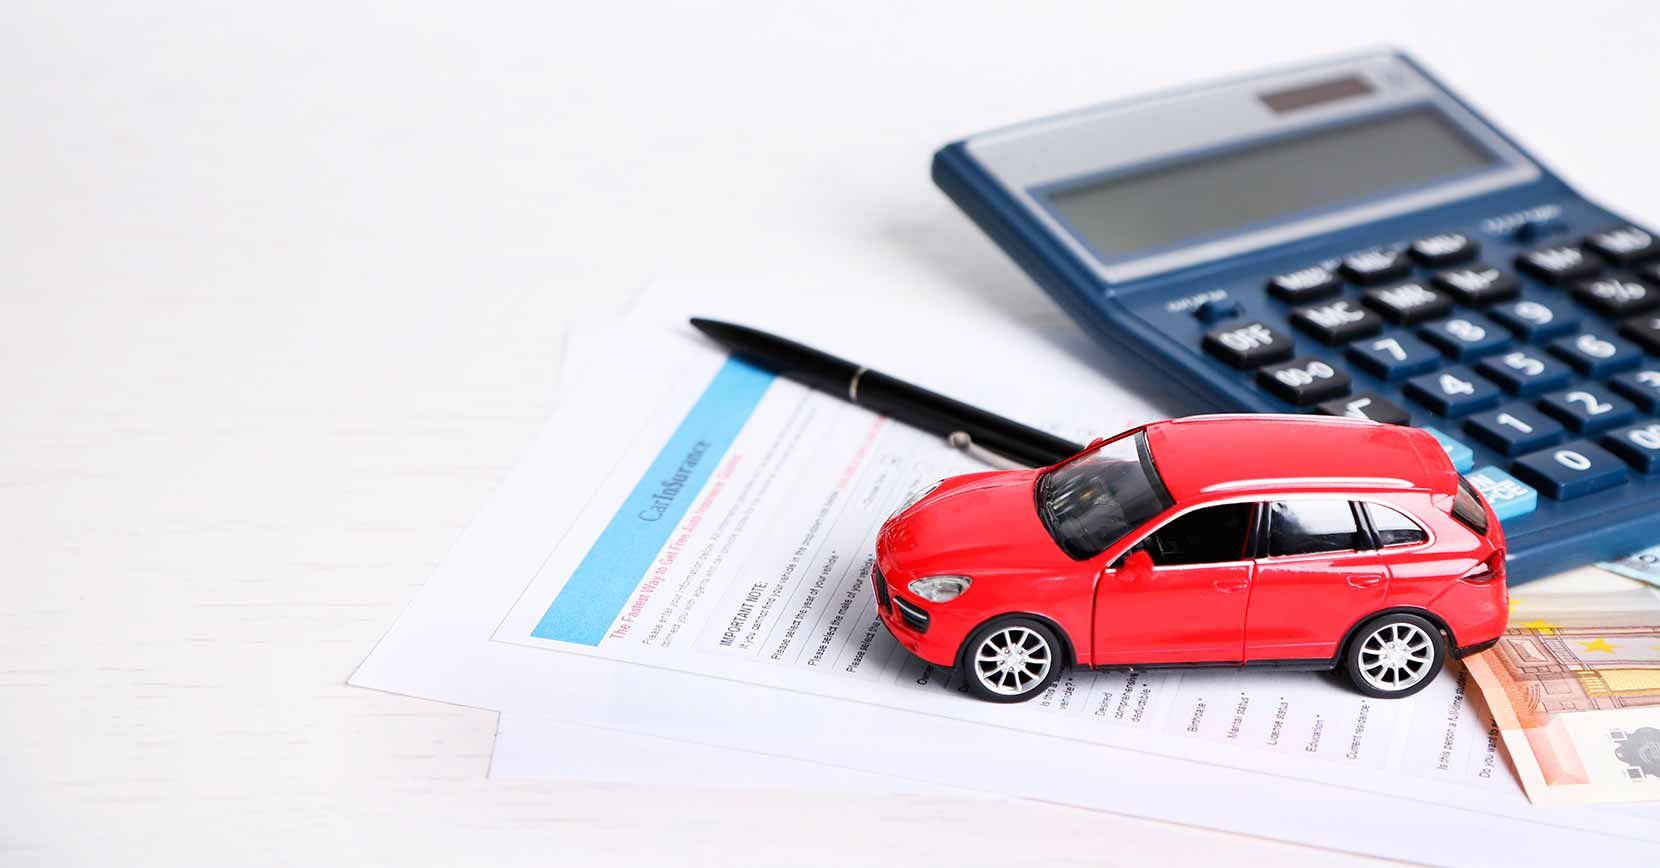 Acheter une voiture en leasing: les avantages